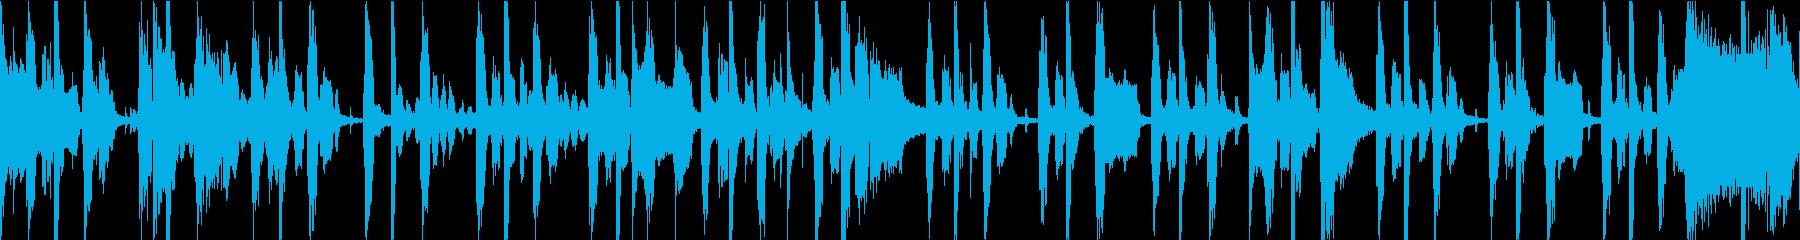 ゆっくりと溝が刻まれたレゲエトラッ...の再生済みの波形